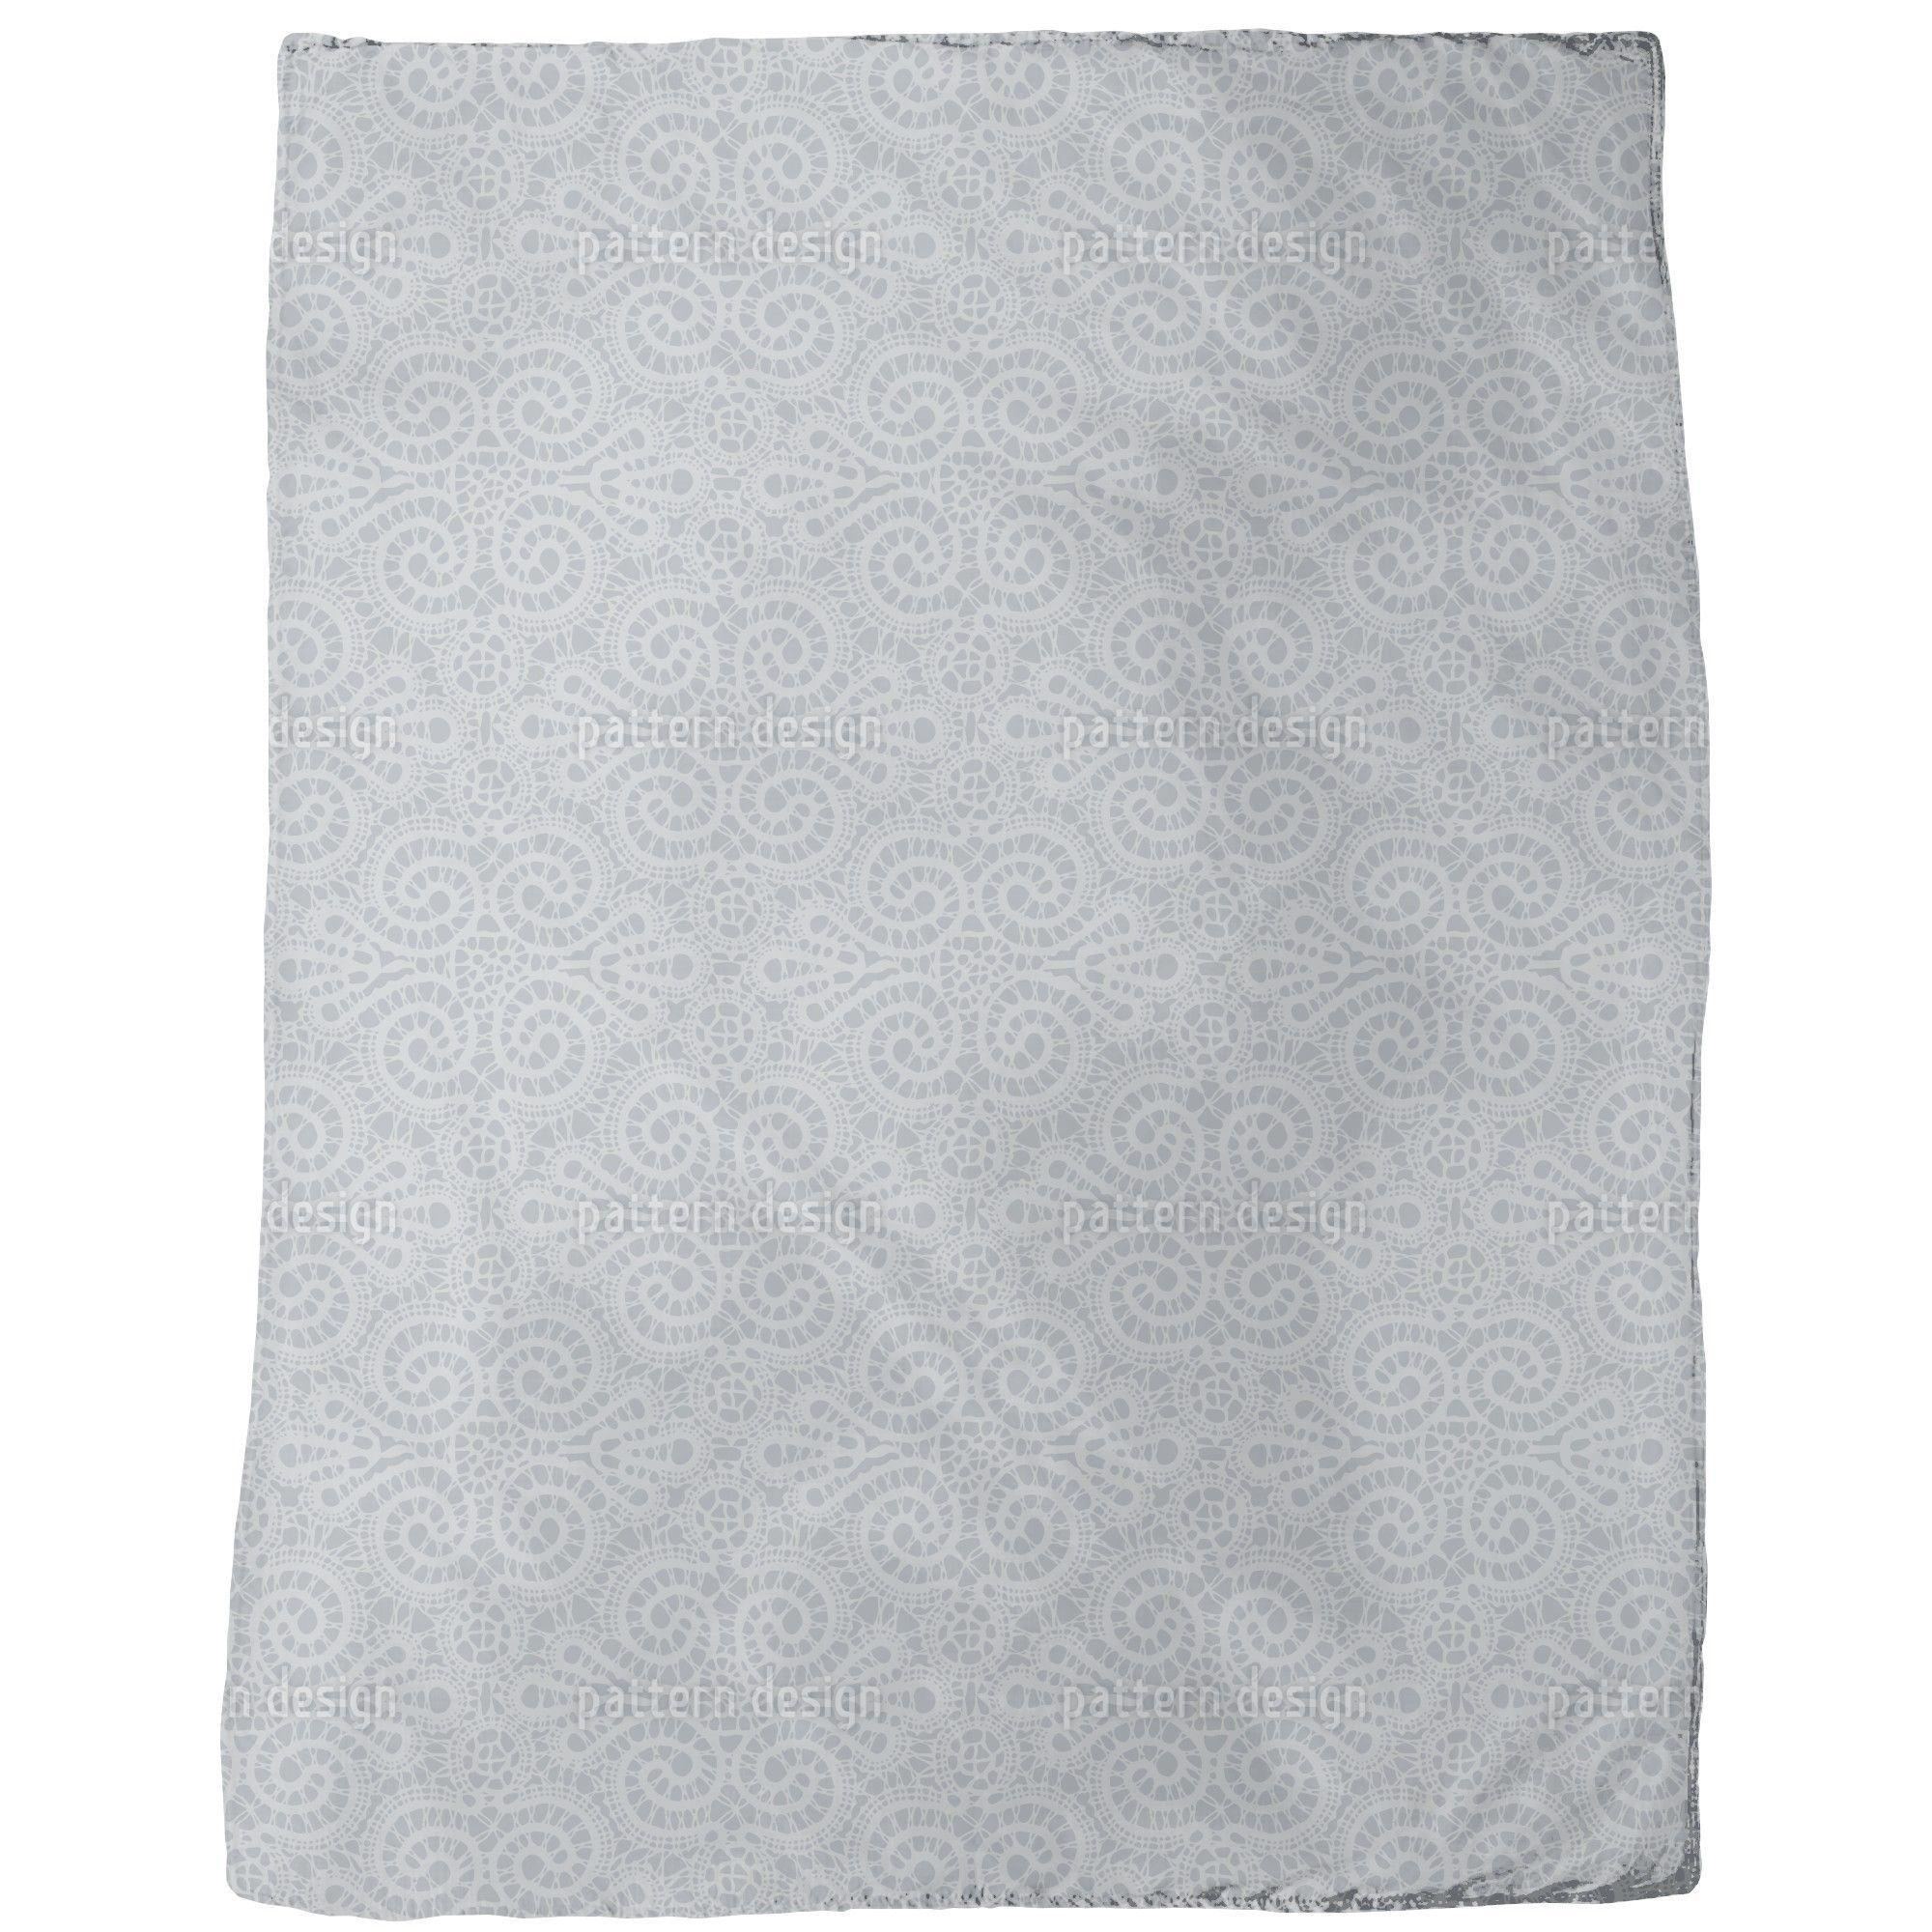 Uneekee Elegant Lace Blanket